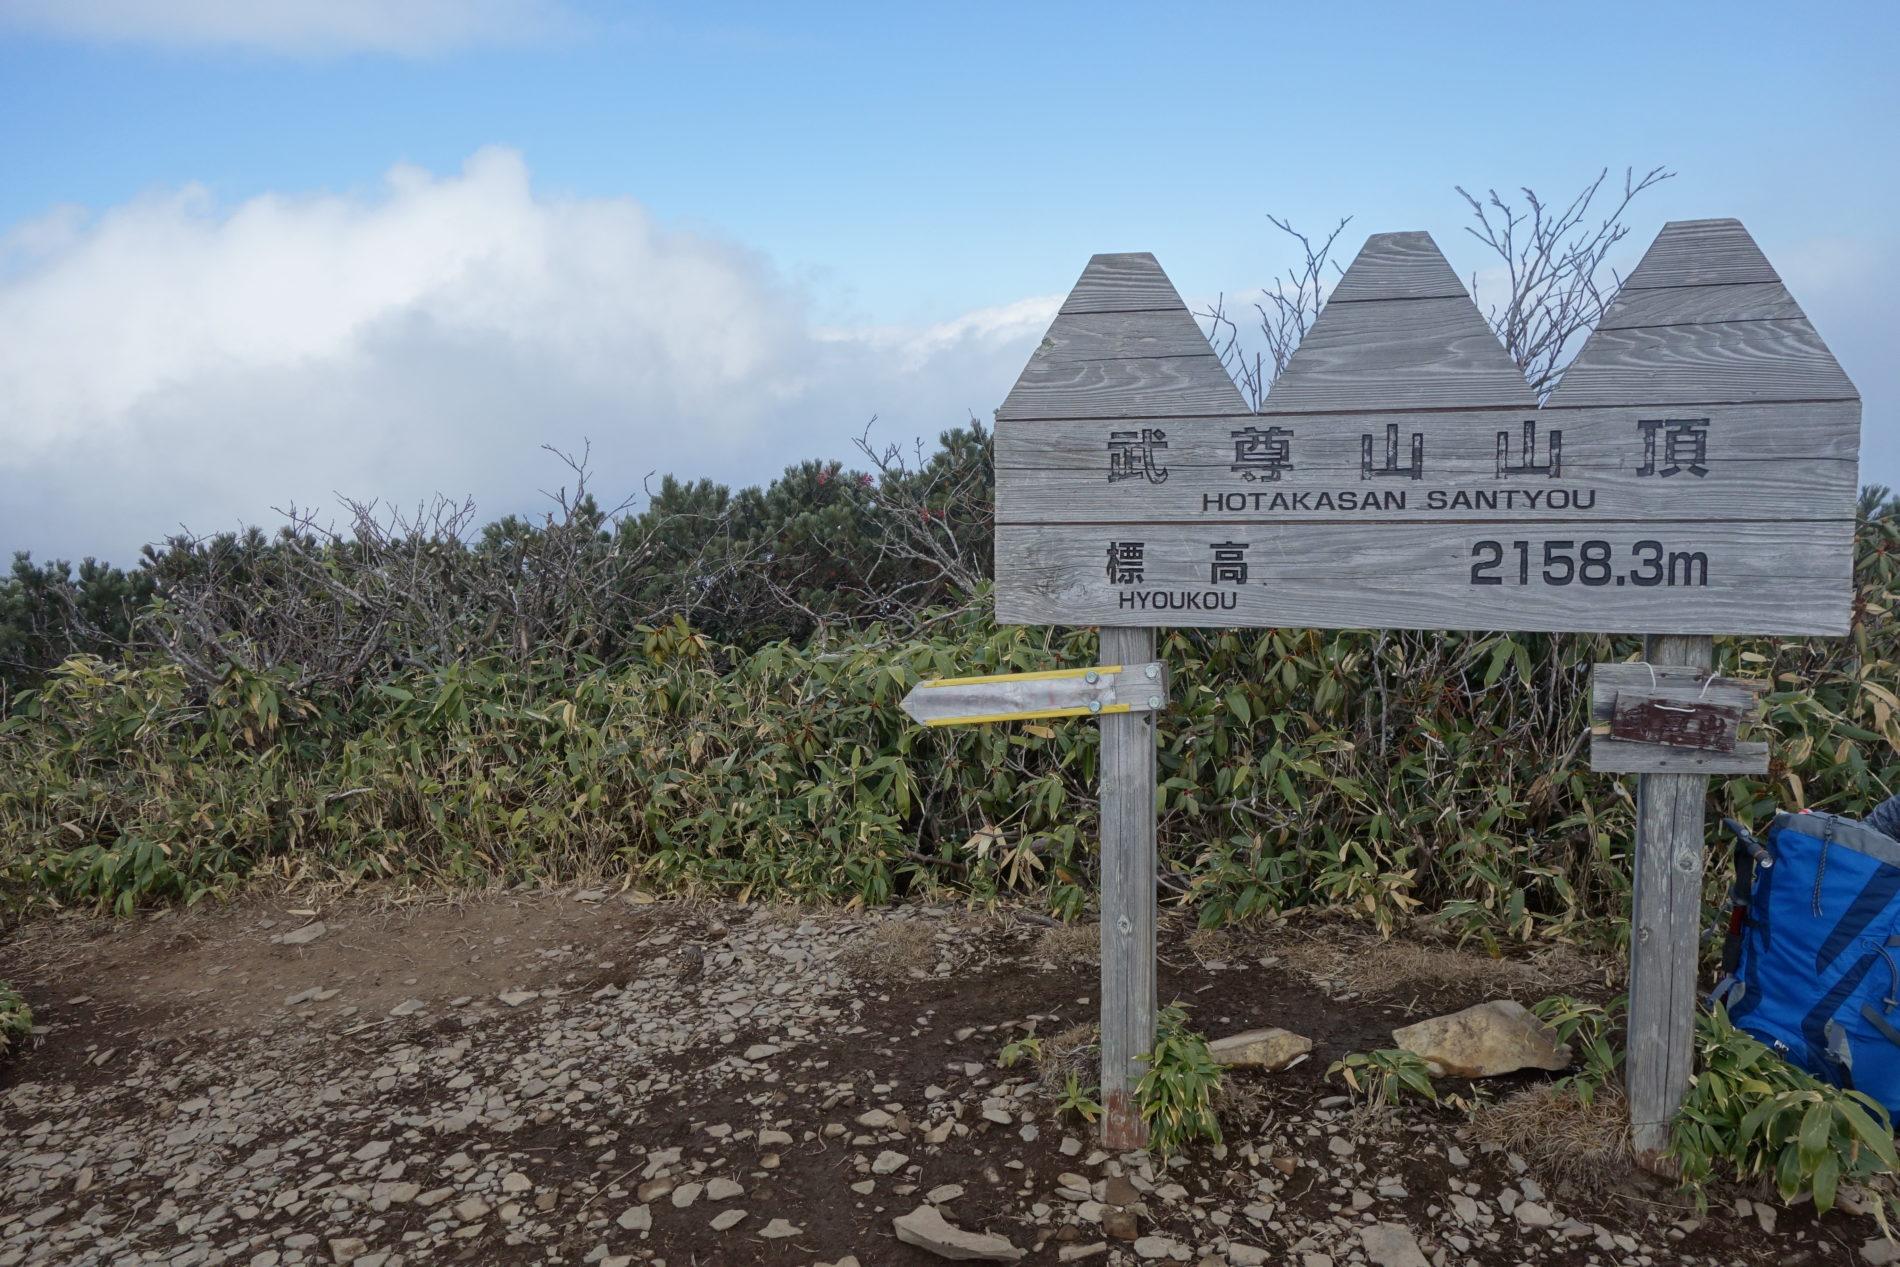 武尊山 剣ヶ峰〜武尊山山頂